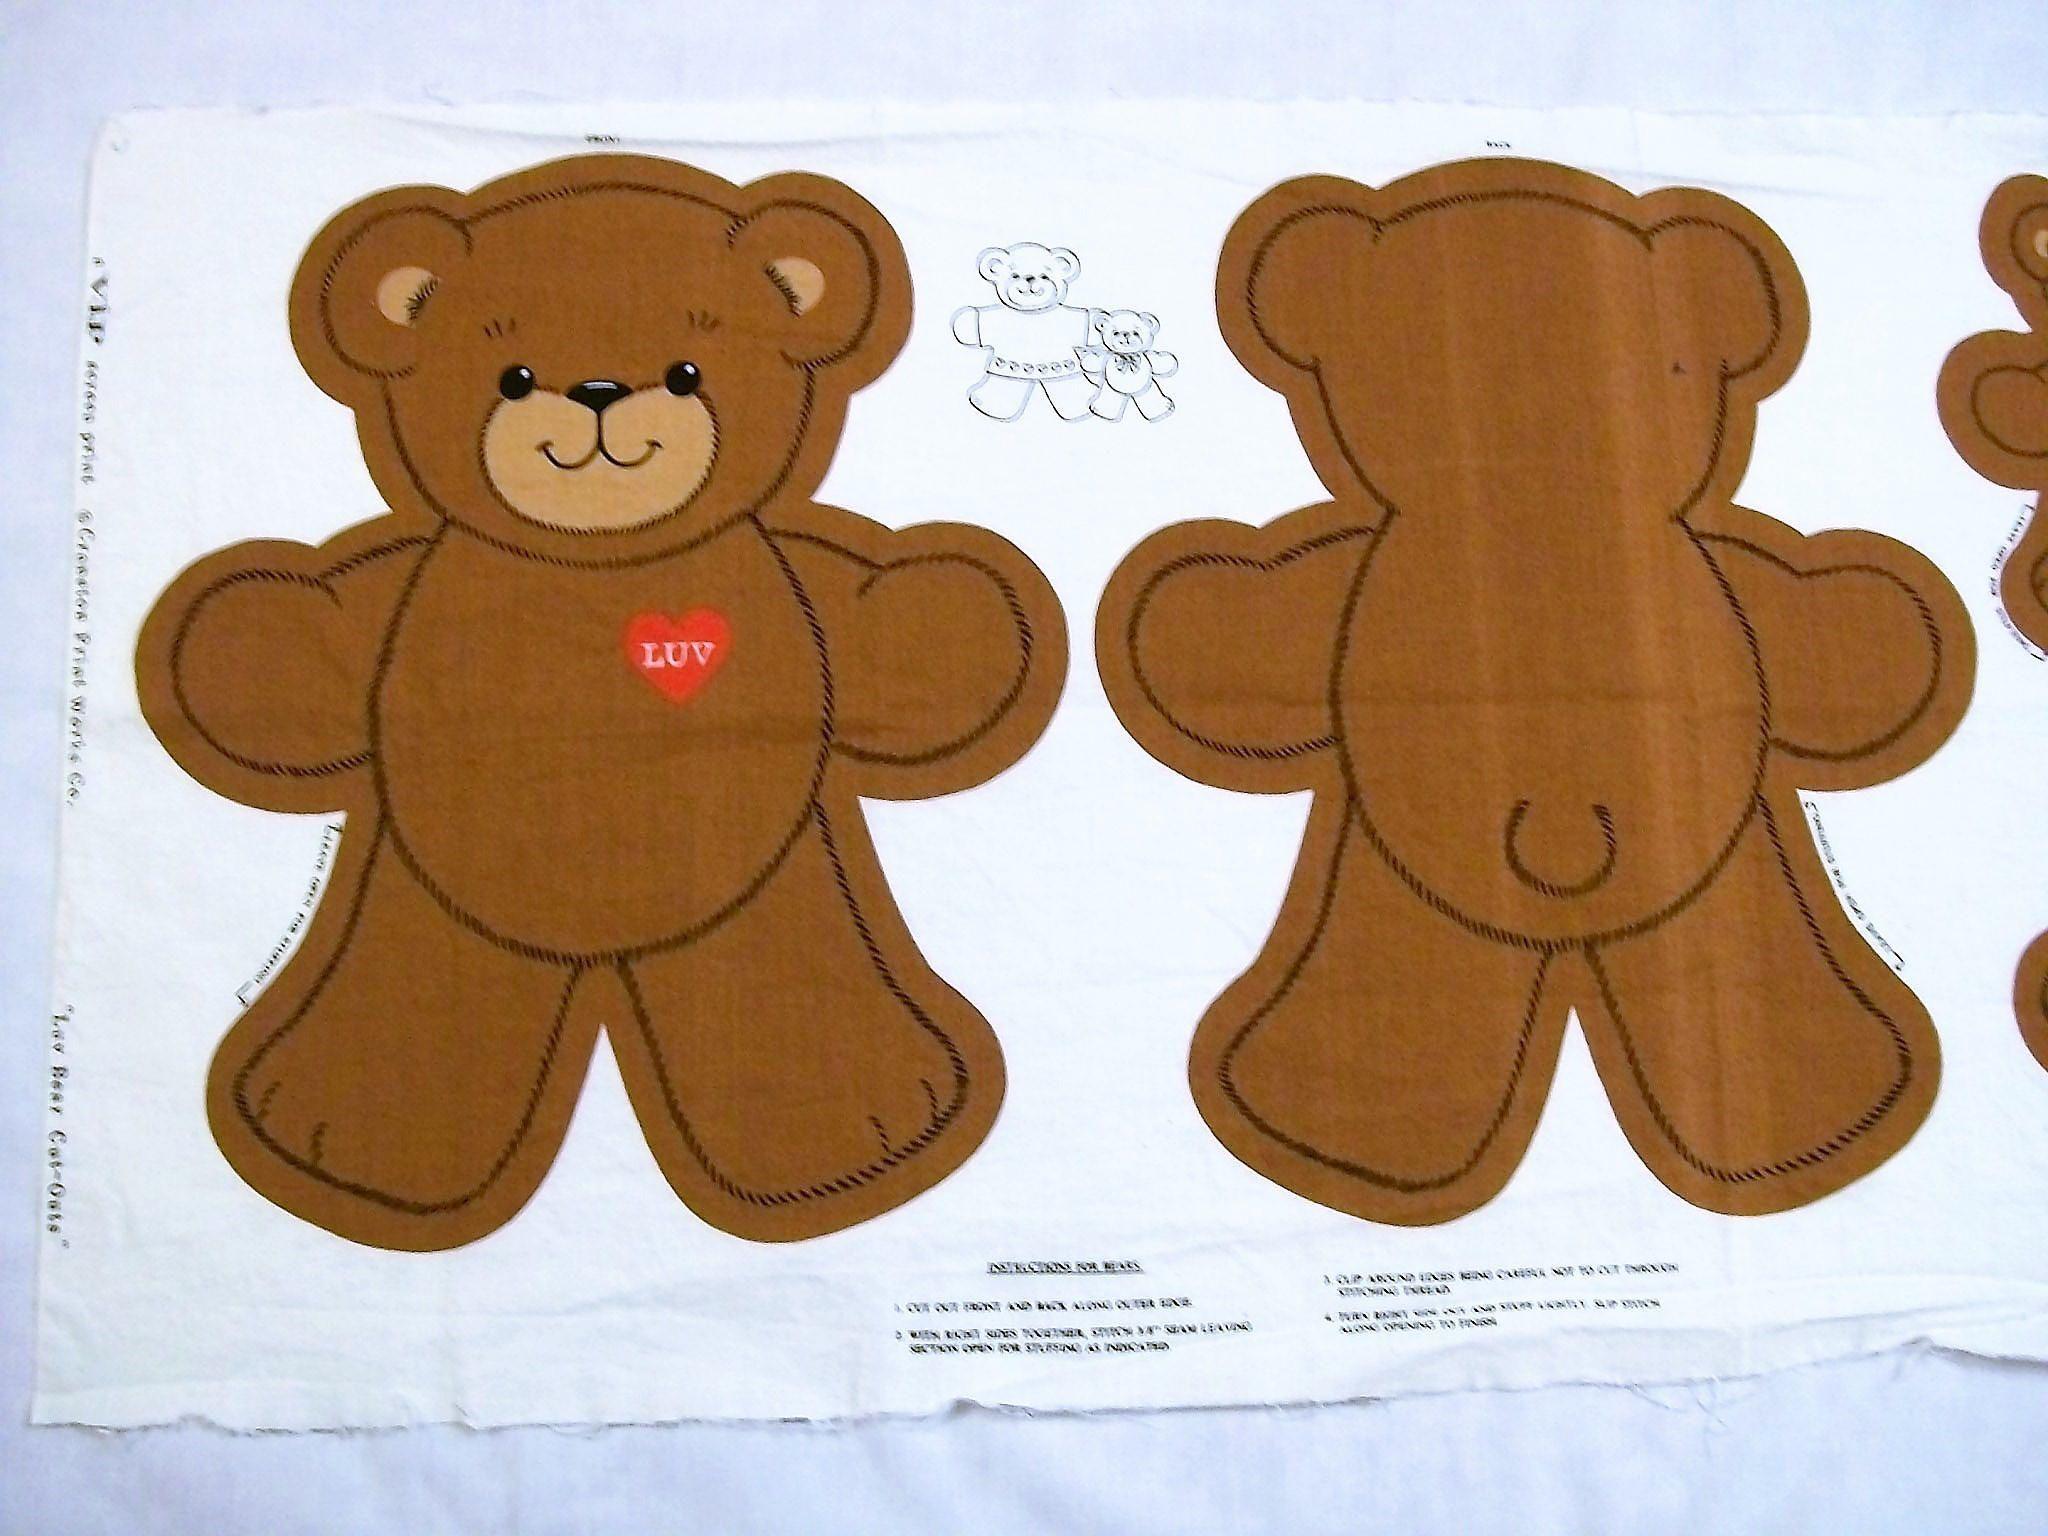 teddy bear vase of teddy bear pattern cut sew and stuff bear cranston print works in teddy bear pattern cut sew and stuff bear cranston print works luv bear